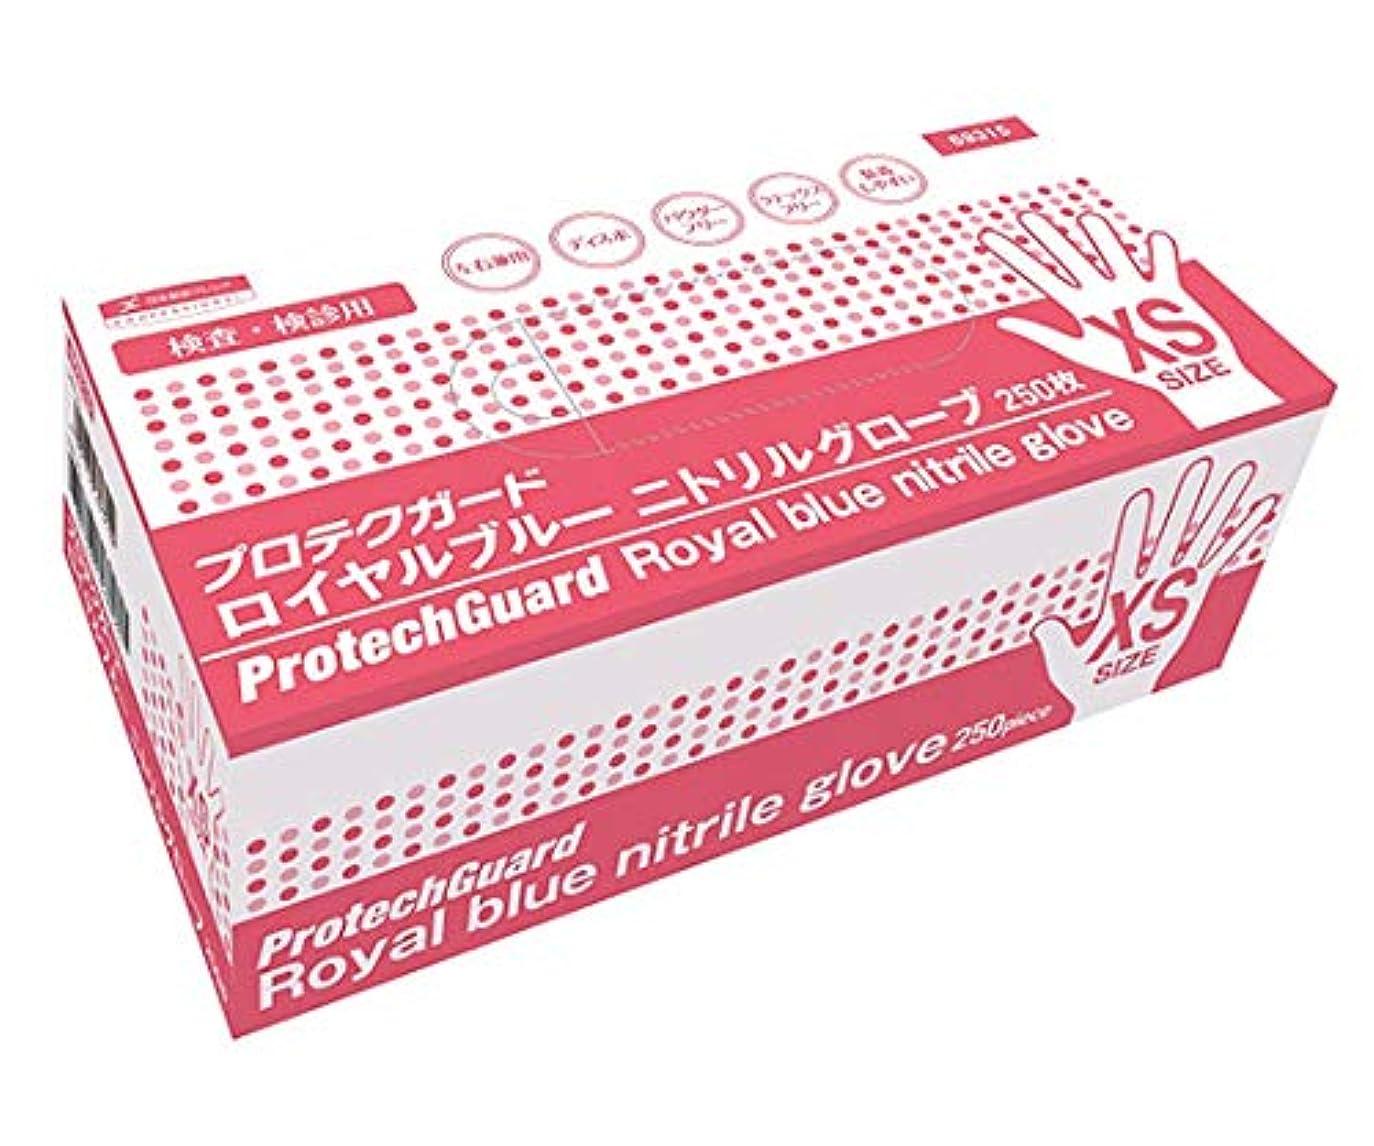 ライバルワードローブアクチュエータクレシア プロテクガード ロイヤルブルーニトリルグローブ XS 250枚×10箱